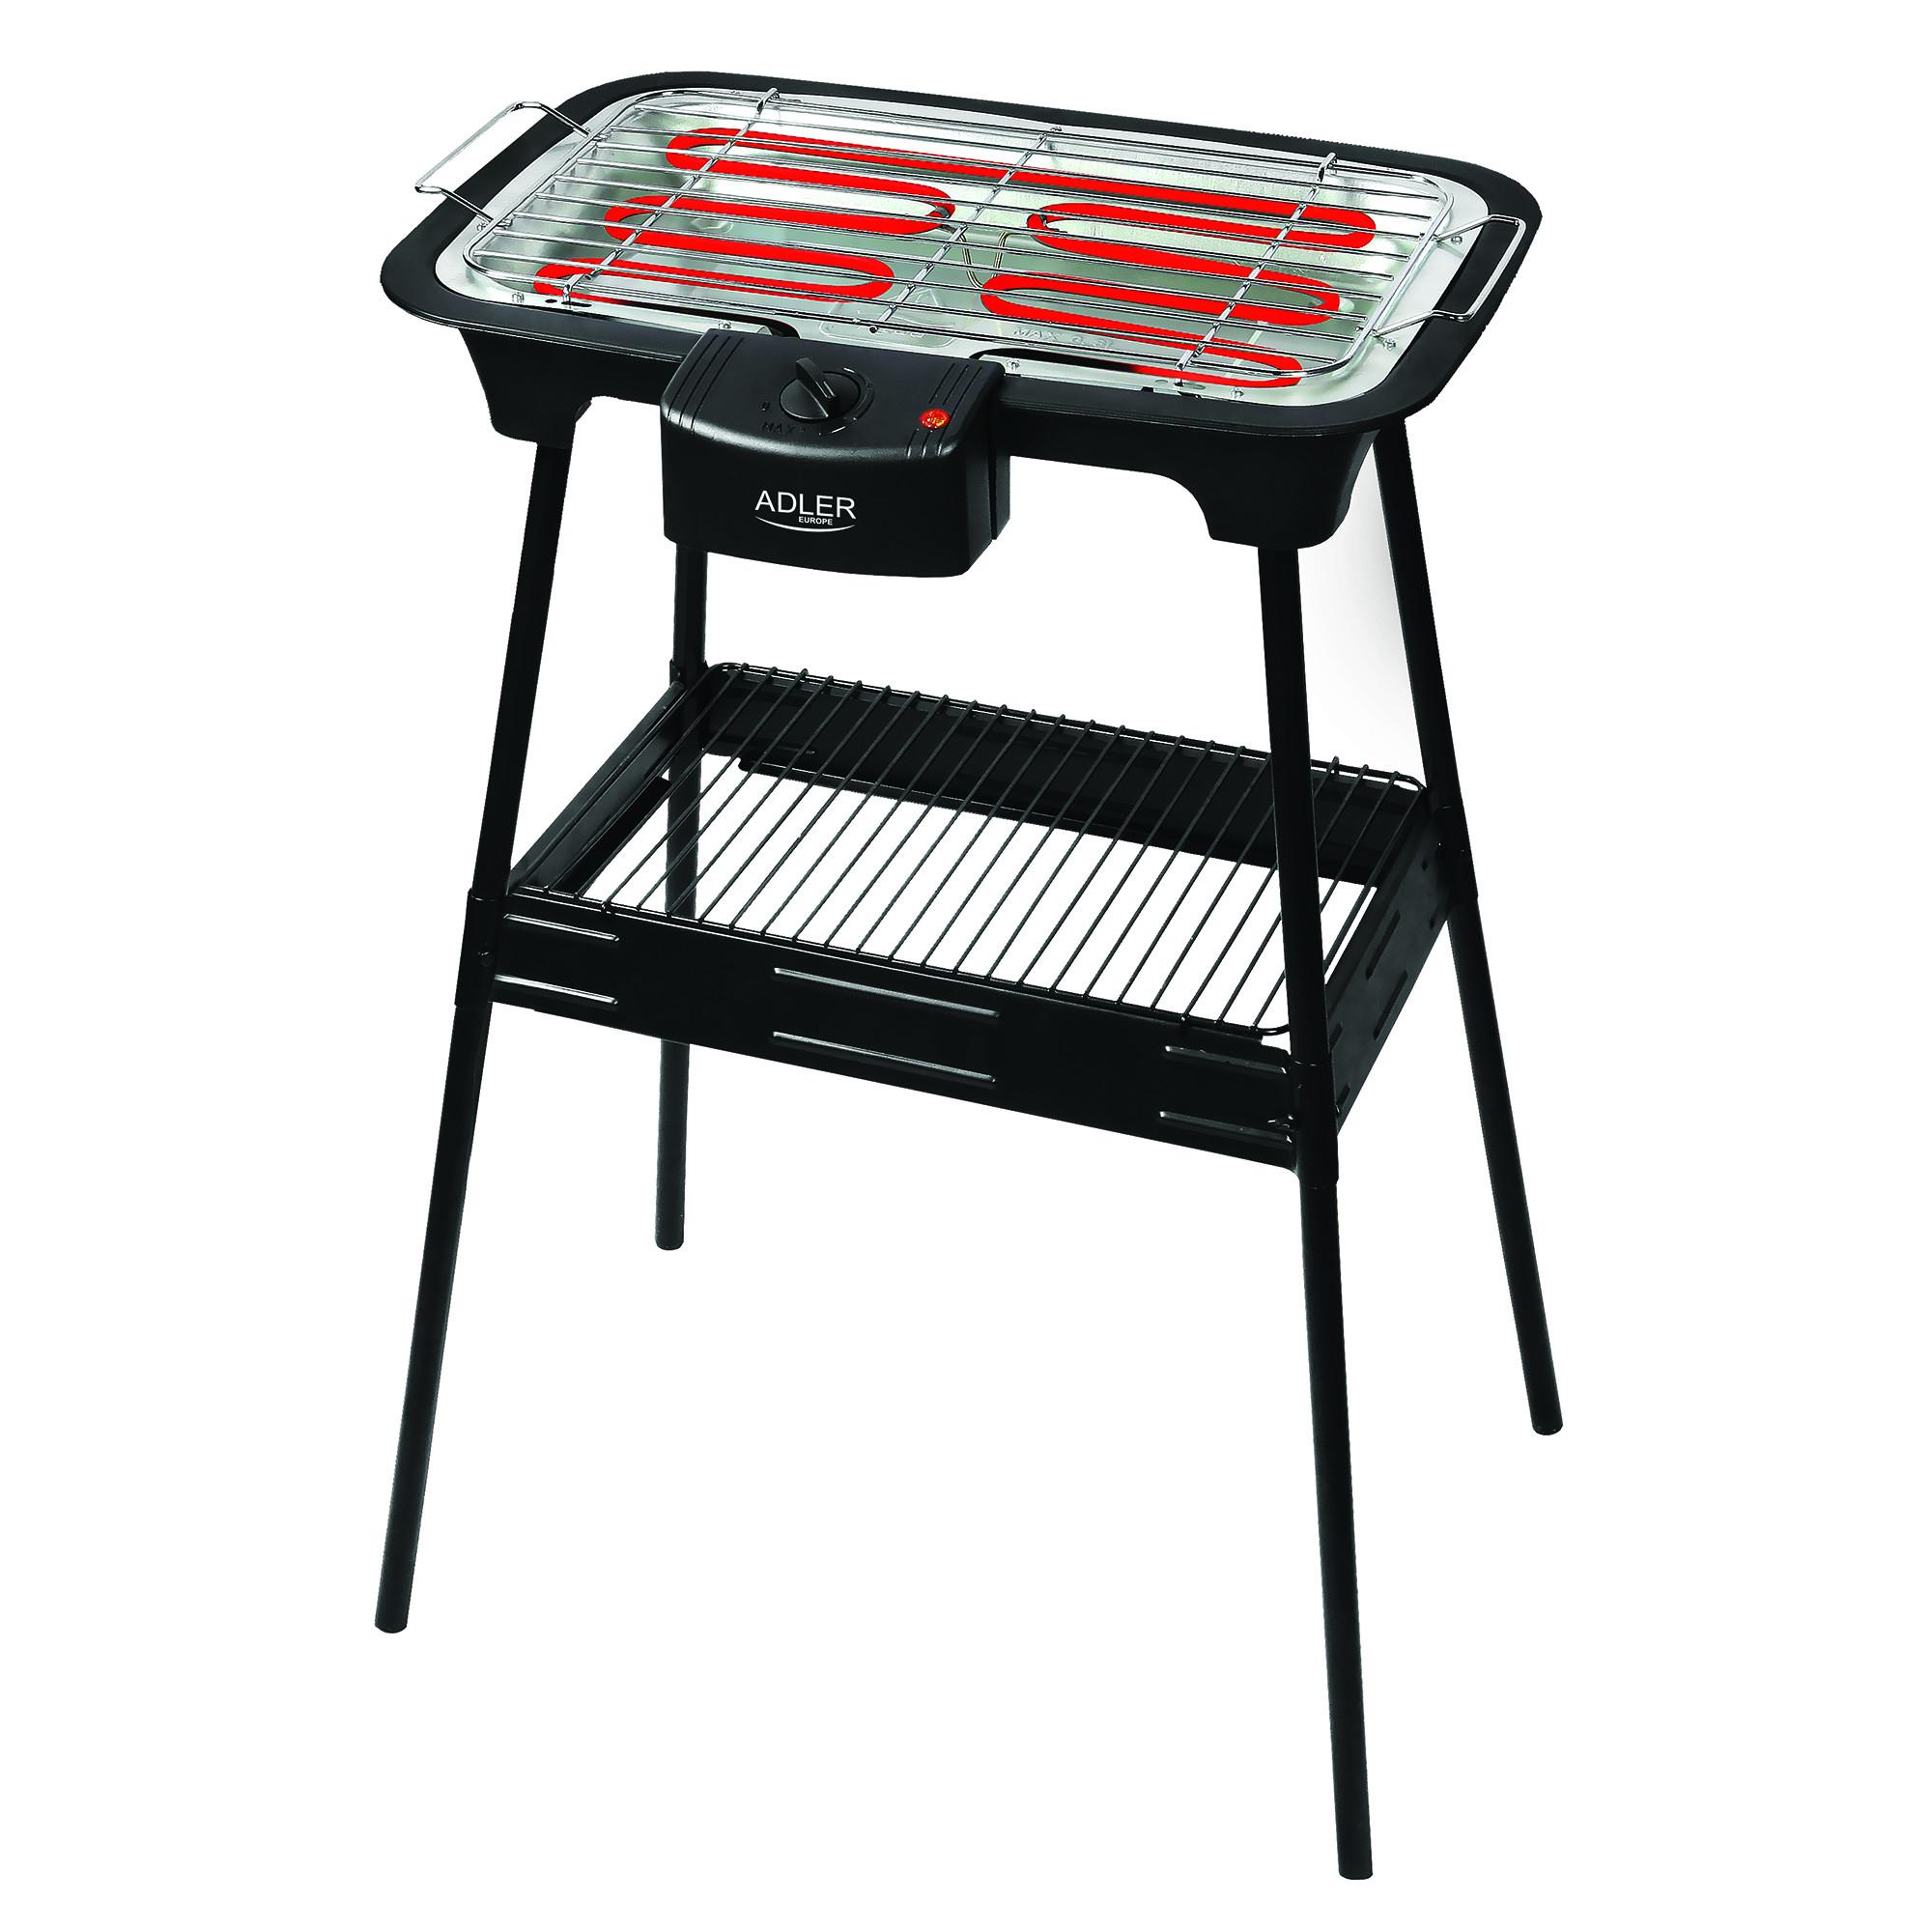 ADLER AD6602 Barbacoa Parrilla Eléctrica, Con Base, Ajuste de Temperatura, Calentador Extraíble, 2000 W, Negro